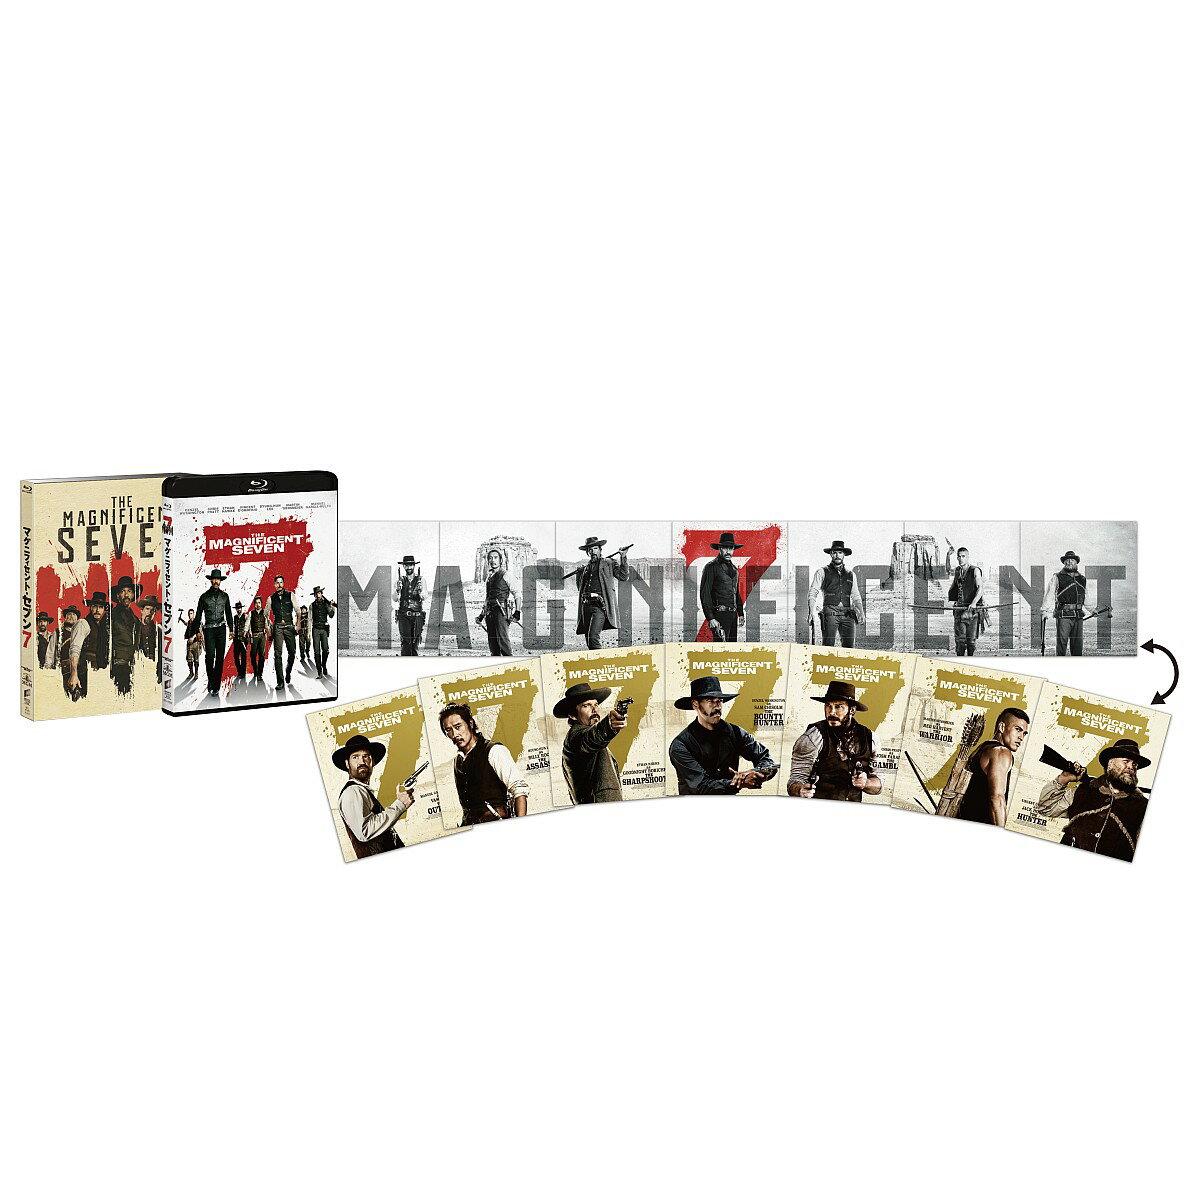 マグニフィセント・セブン(初回生産限定)【Blu-ray】 [ デンゼル・ワシントン ]